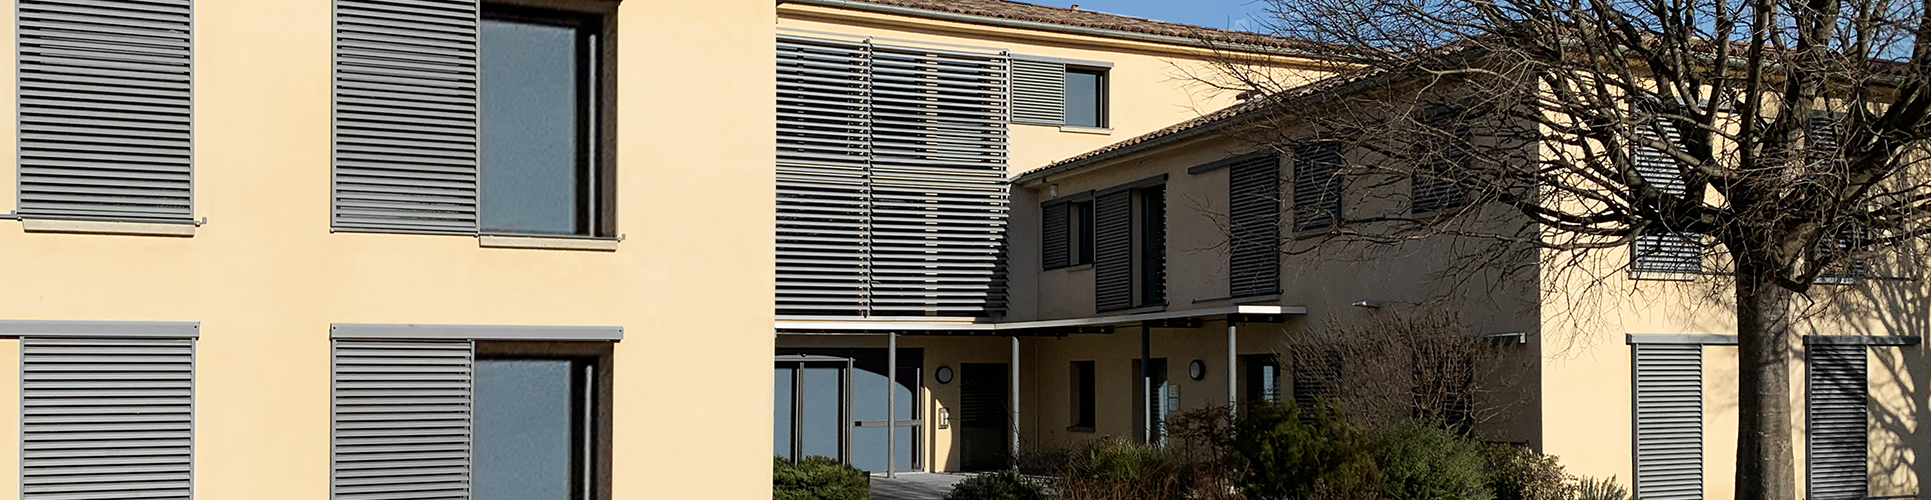 Centre Médical Pernes Les Fontaines